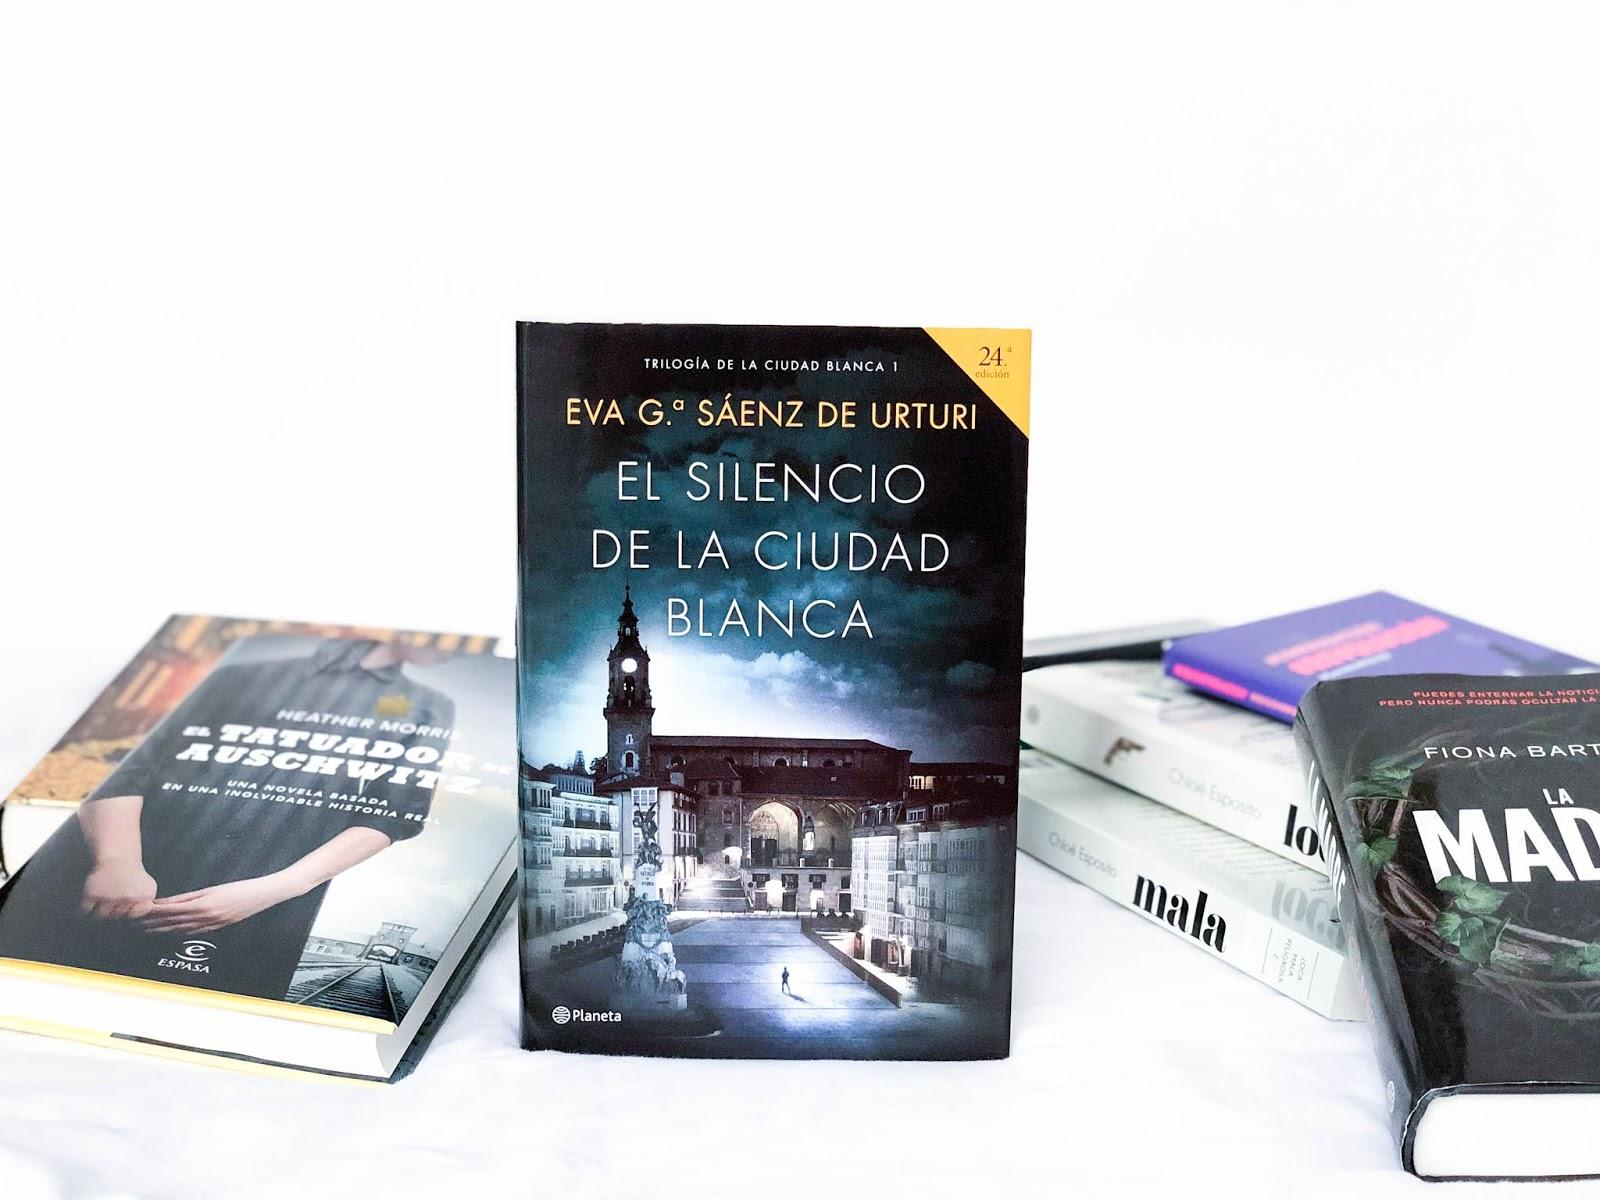 Este libro está centrado en una investigación por asesinatos que tiene  aterrorizada la tranquila ciudad de Victoria. Tasio, un arqueólogo  condenado por los ...